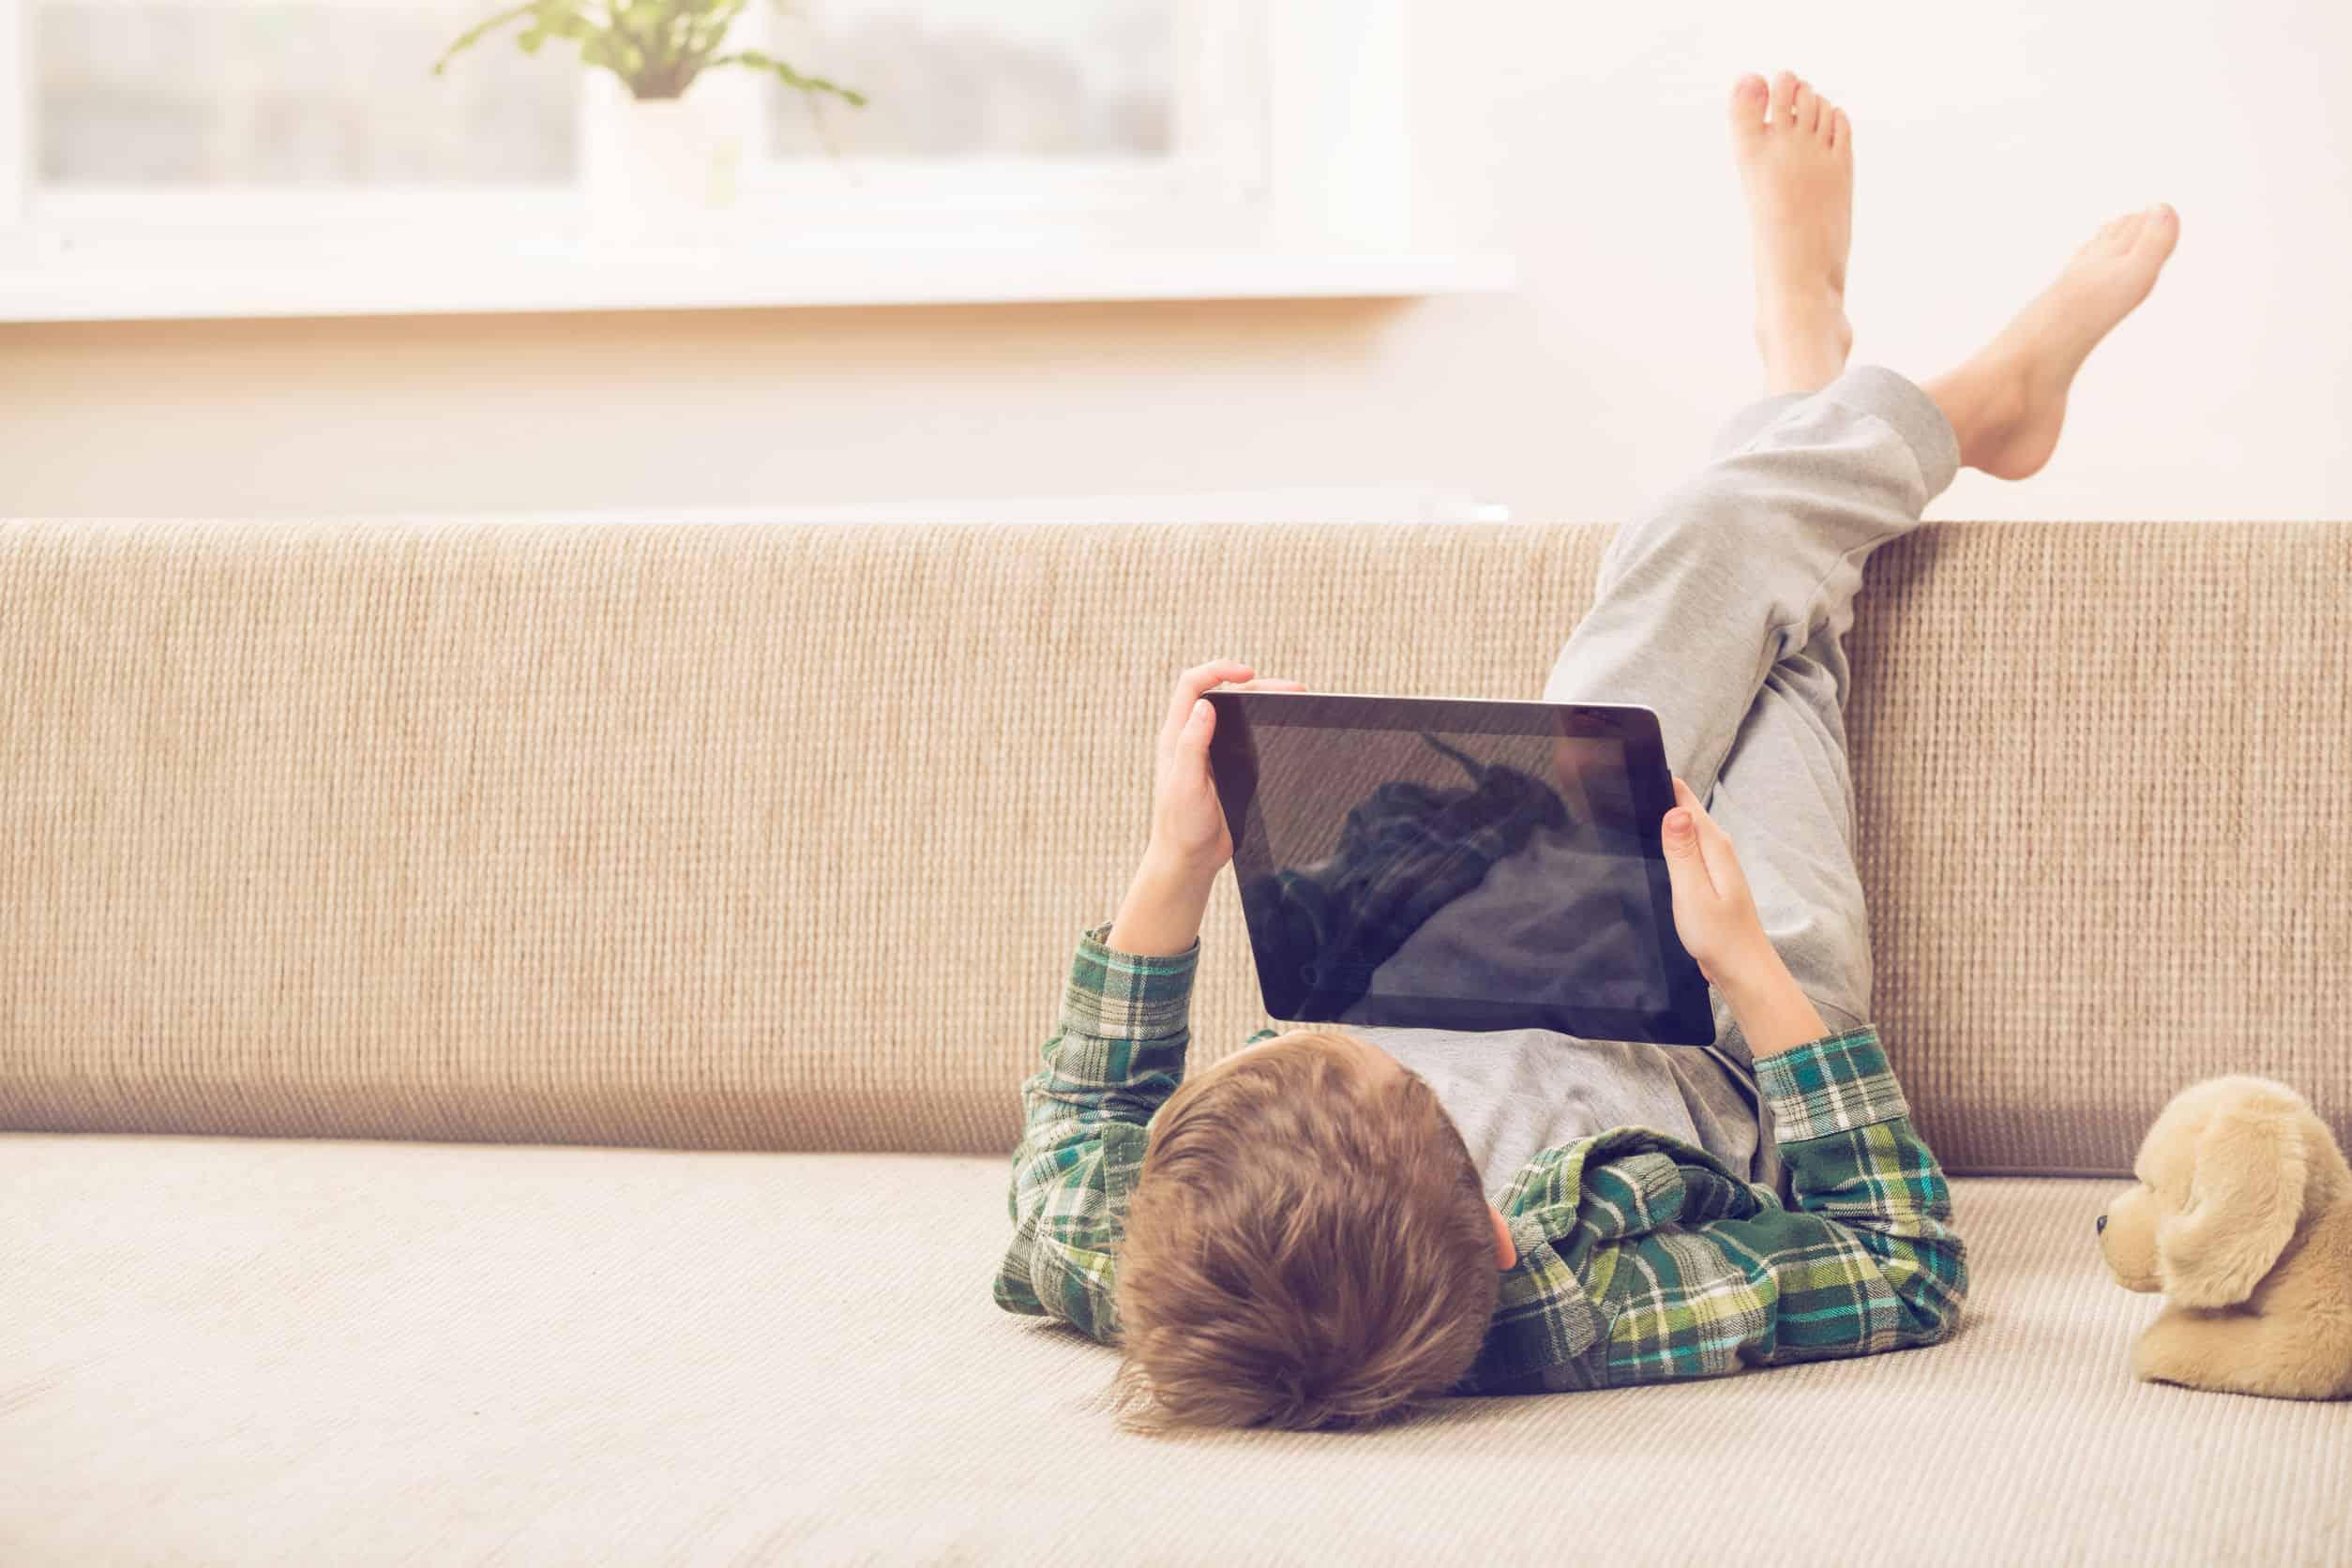 jongen op de vloer spelen met tablet